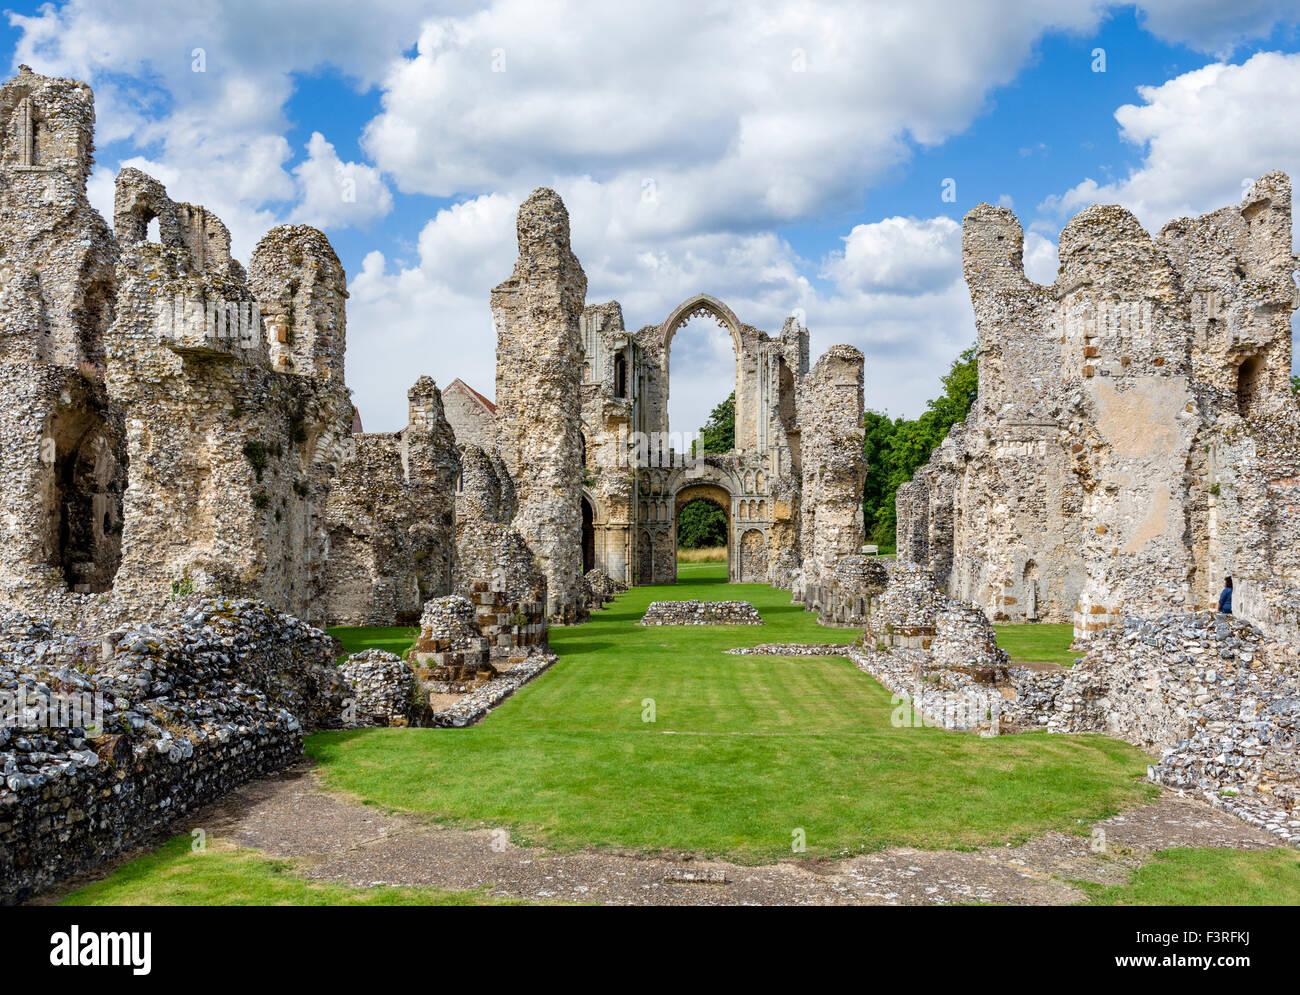 Les ruines de l'église au château d'Acre Prieuré, Château d'Acre, Norfolk, England, Photo Stock